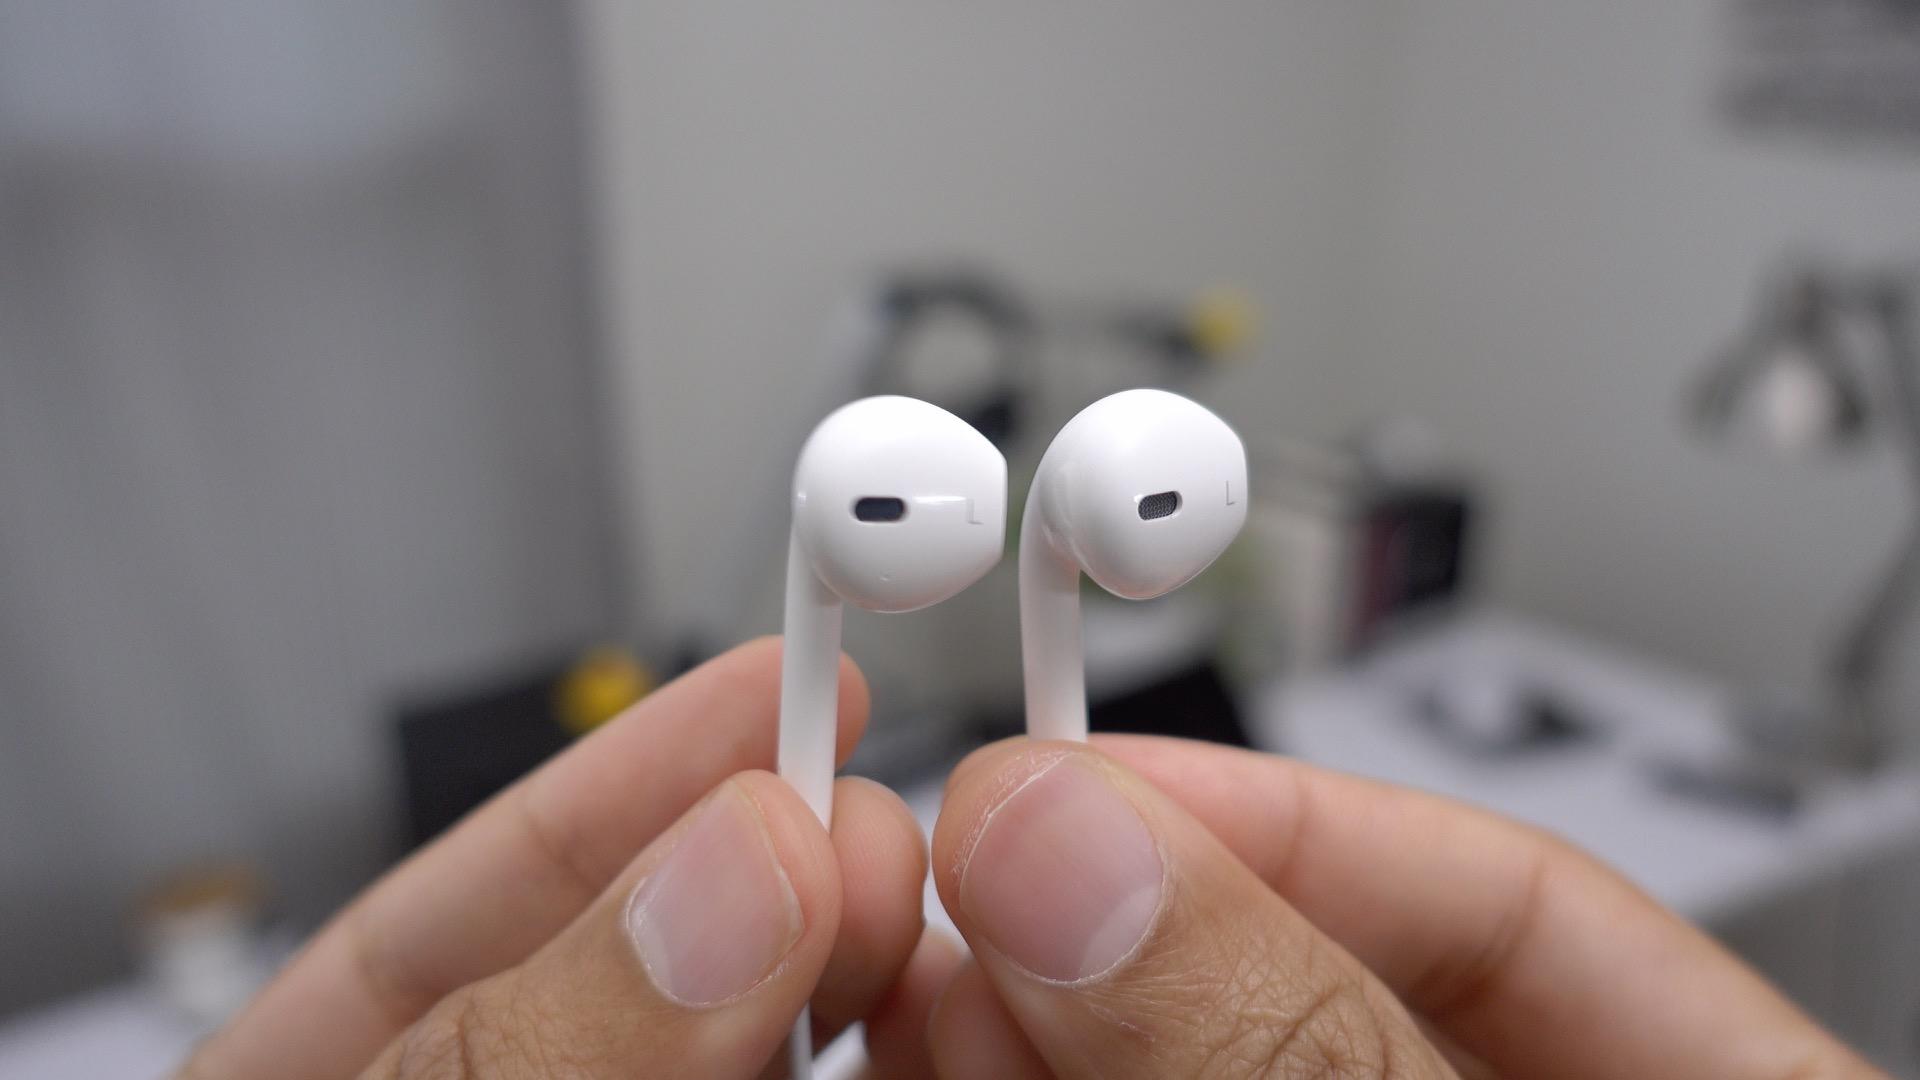 lightning-earpods-vs-3-5mm-earpods-iphone-7